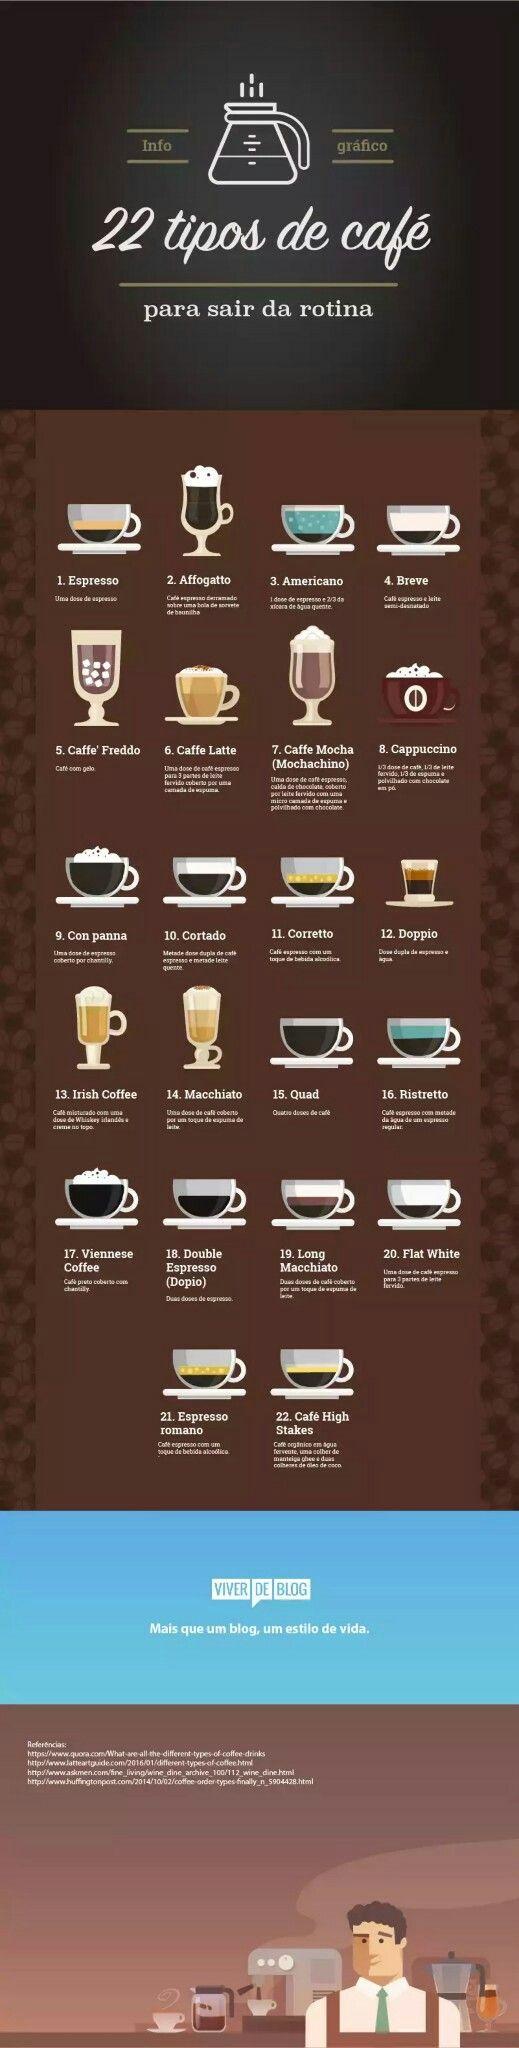 TIPOS DE CAFÉ PARA VOCÊ QUEBRAR A ROTINA E TURBINAR SUA PRODUTIVIDADE